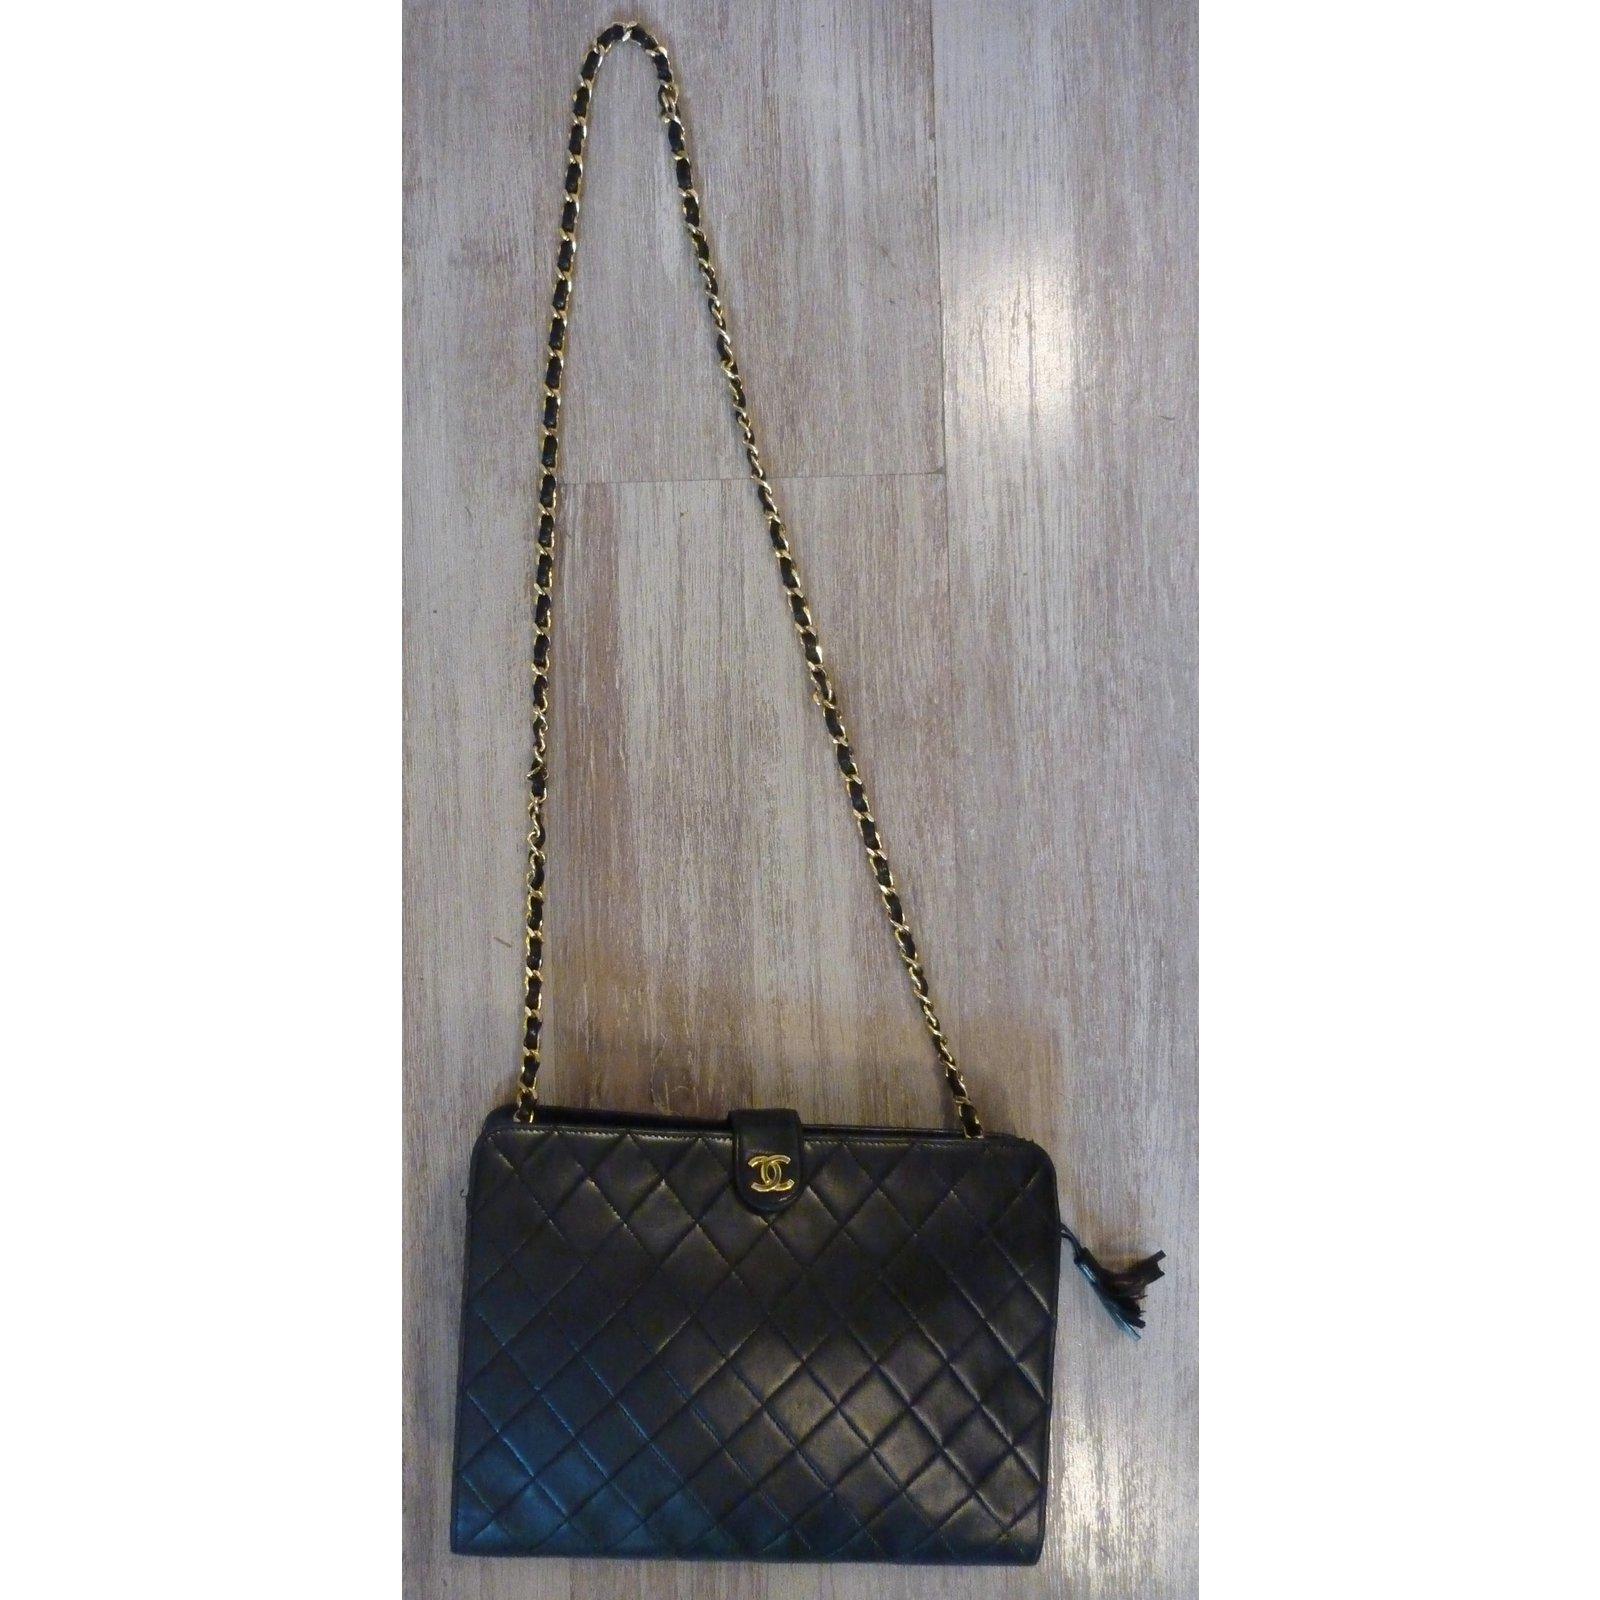 Sacs à main Chanel Superbe Sac Chanel noir vintage à pompon frangé ! Cuir  Noir ref.39349 - Joli Closet 0c5089449bb